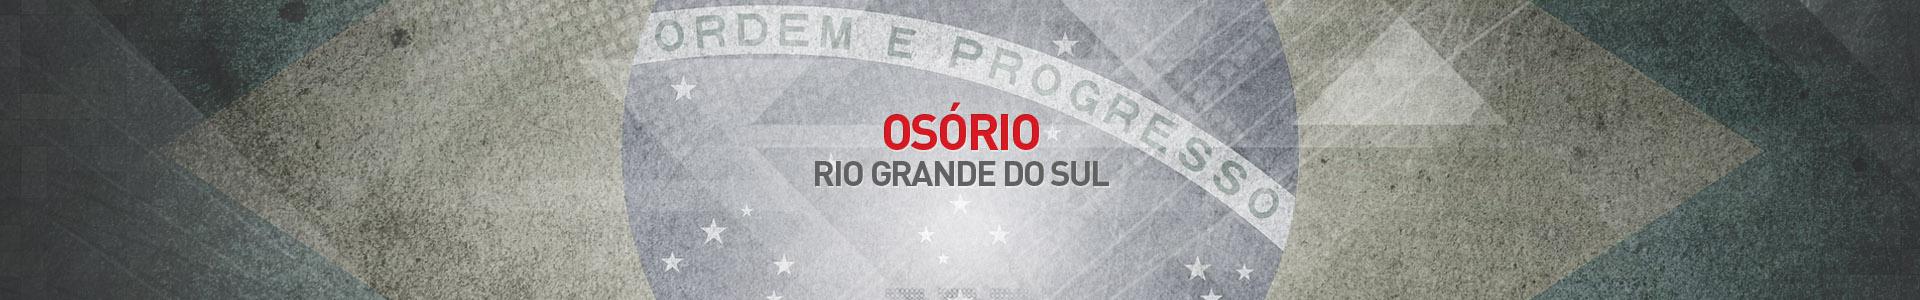 Topo-Cidades-Osorio-SBA